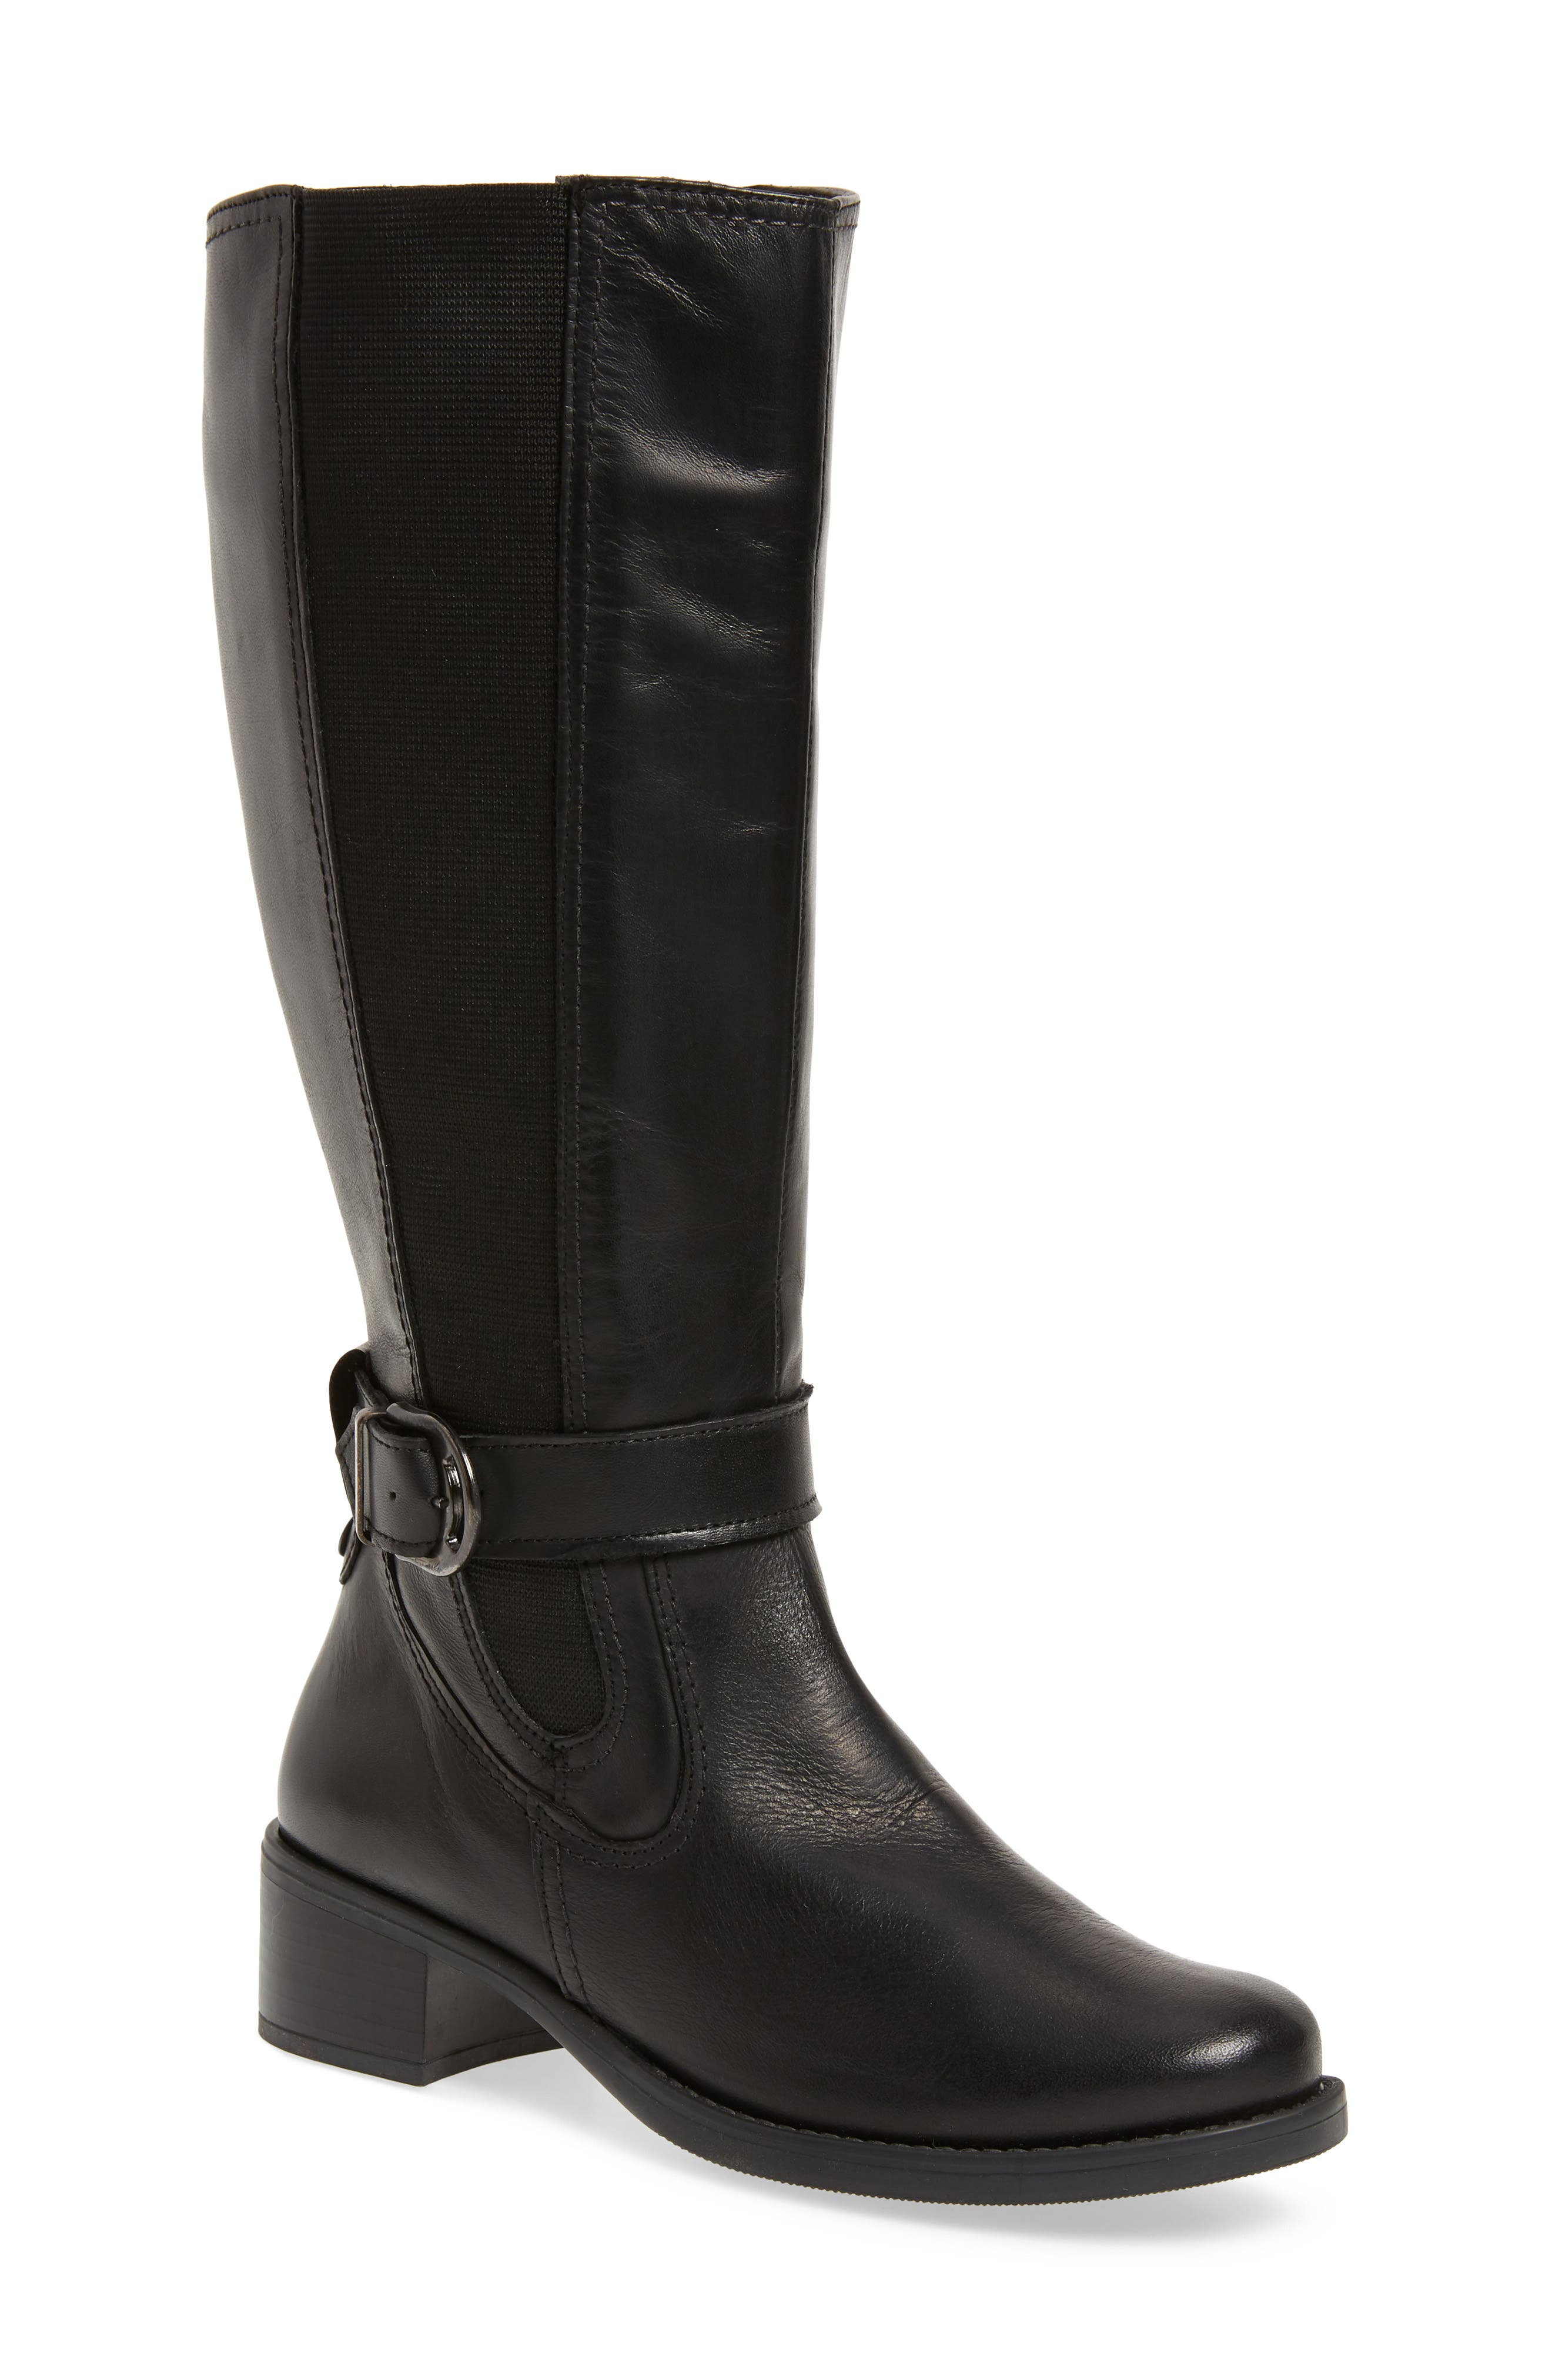 Amalfi 16 Boot,                         Main,                         color, BLACK LEATHER